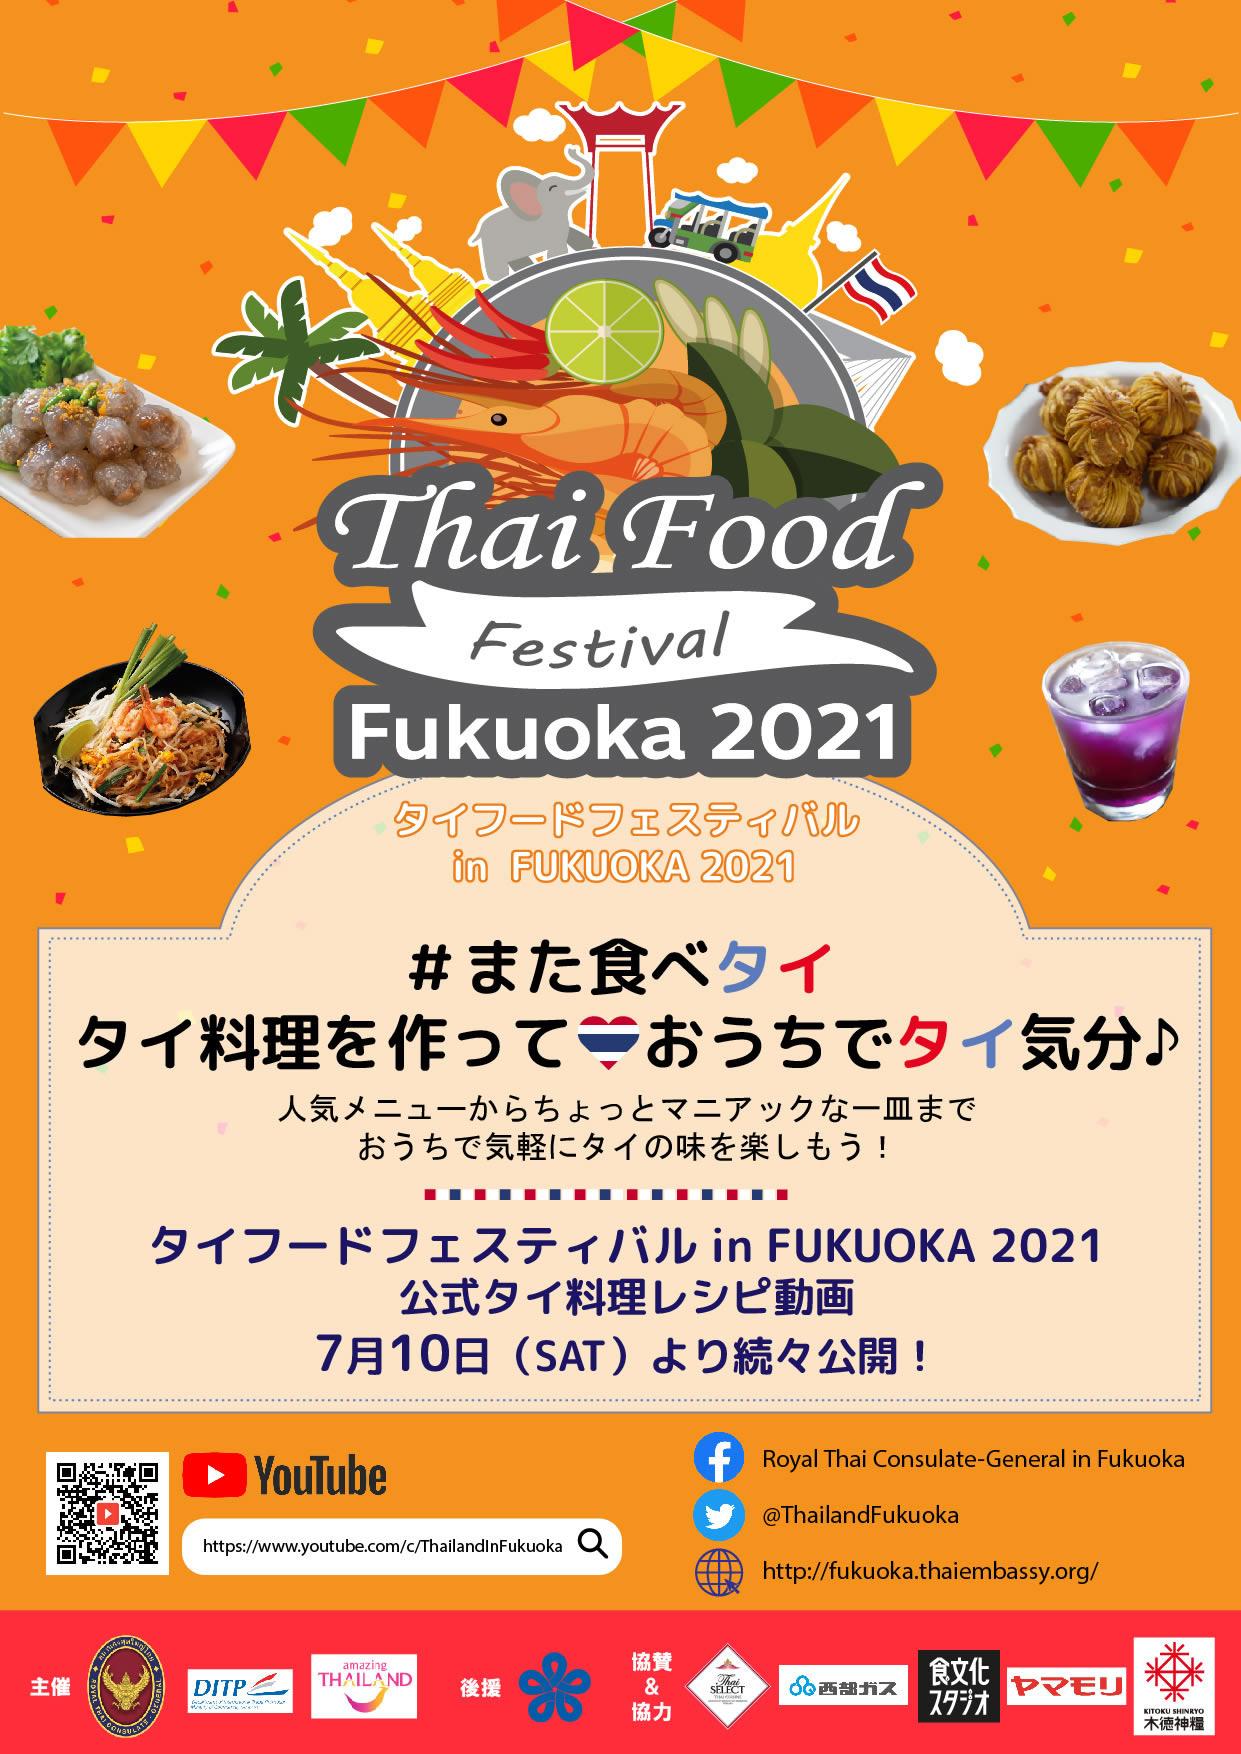 タイフードフェスティバル in FUKUOKA 2021